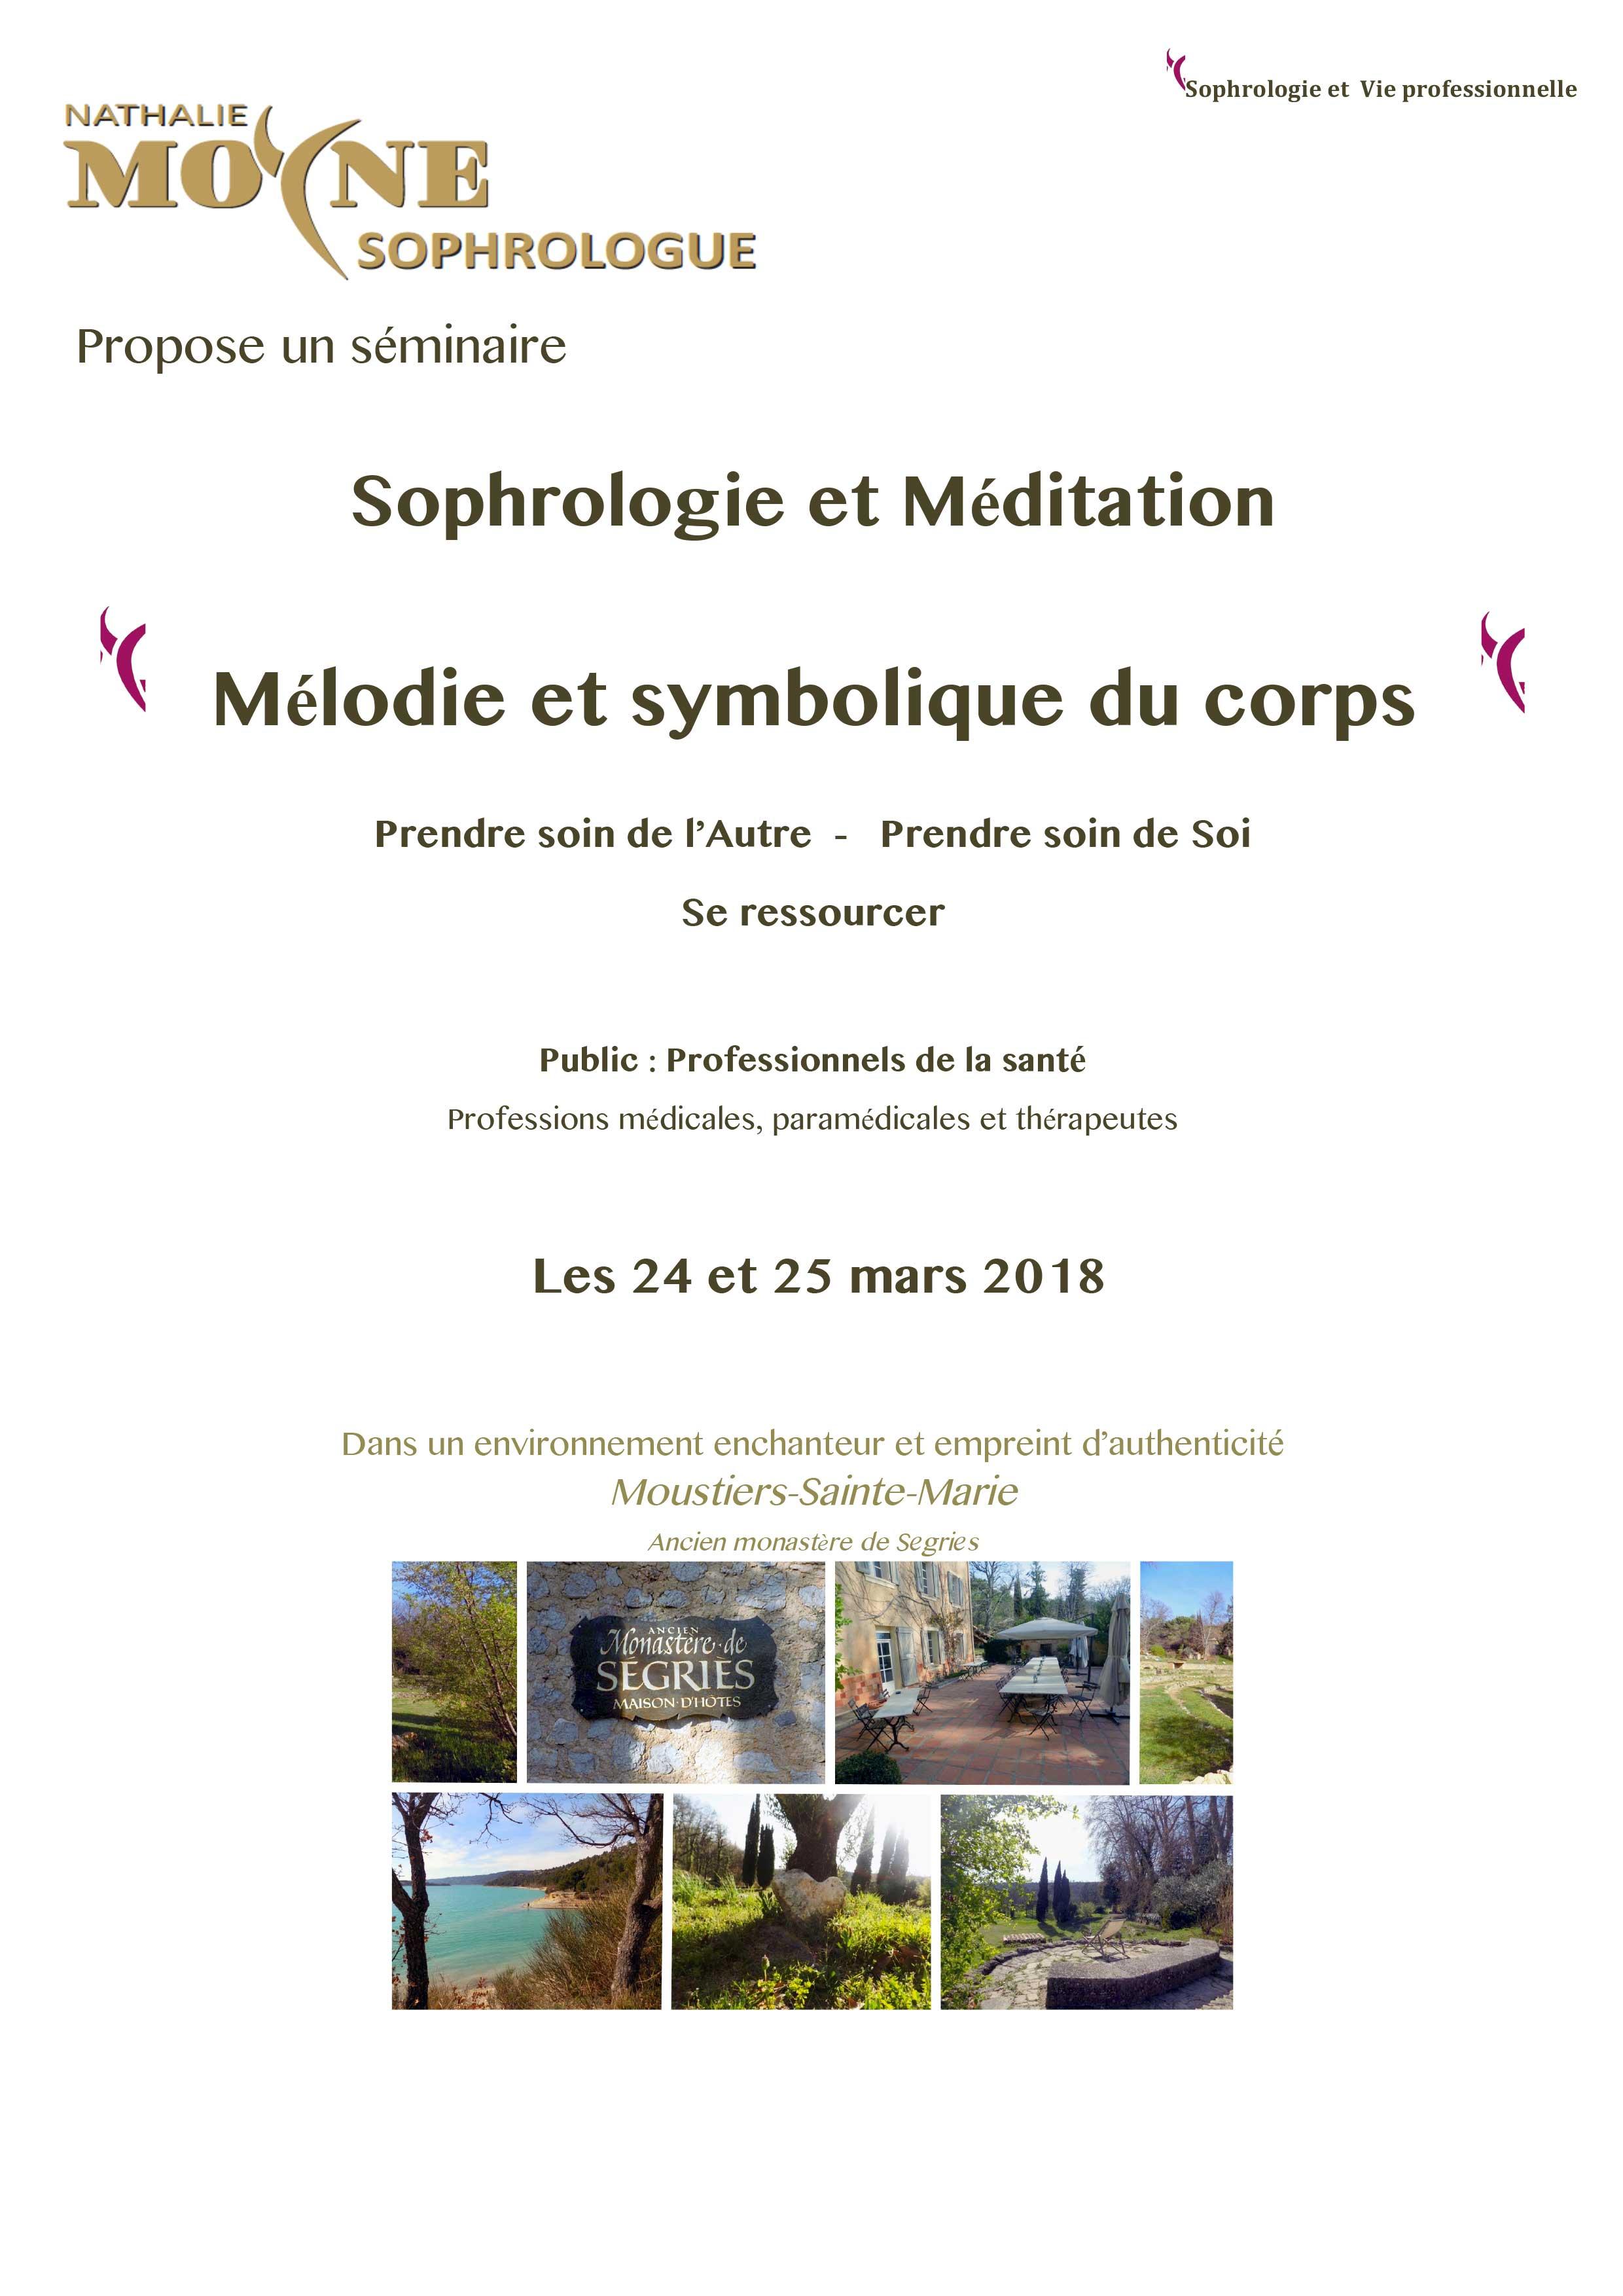 Séminaire Sophrologie et Méditation Mélodie et symbolique du corps